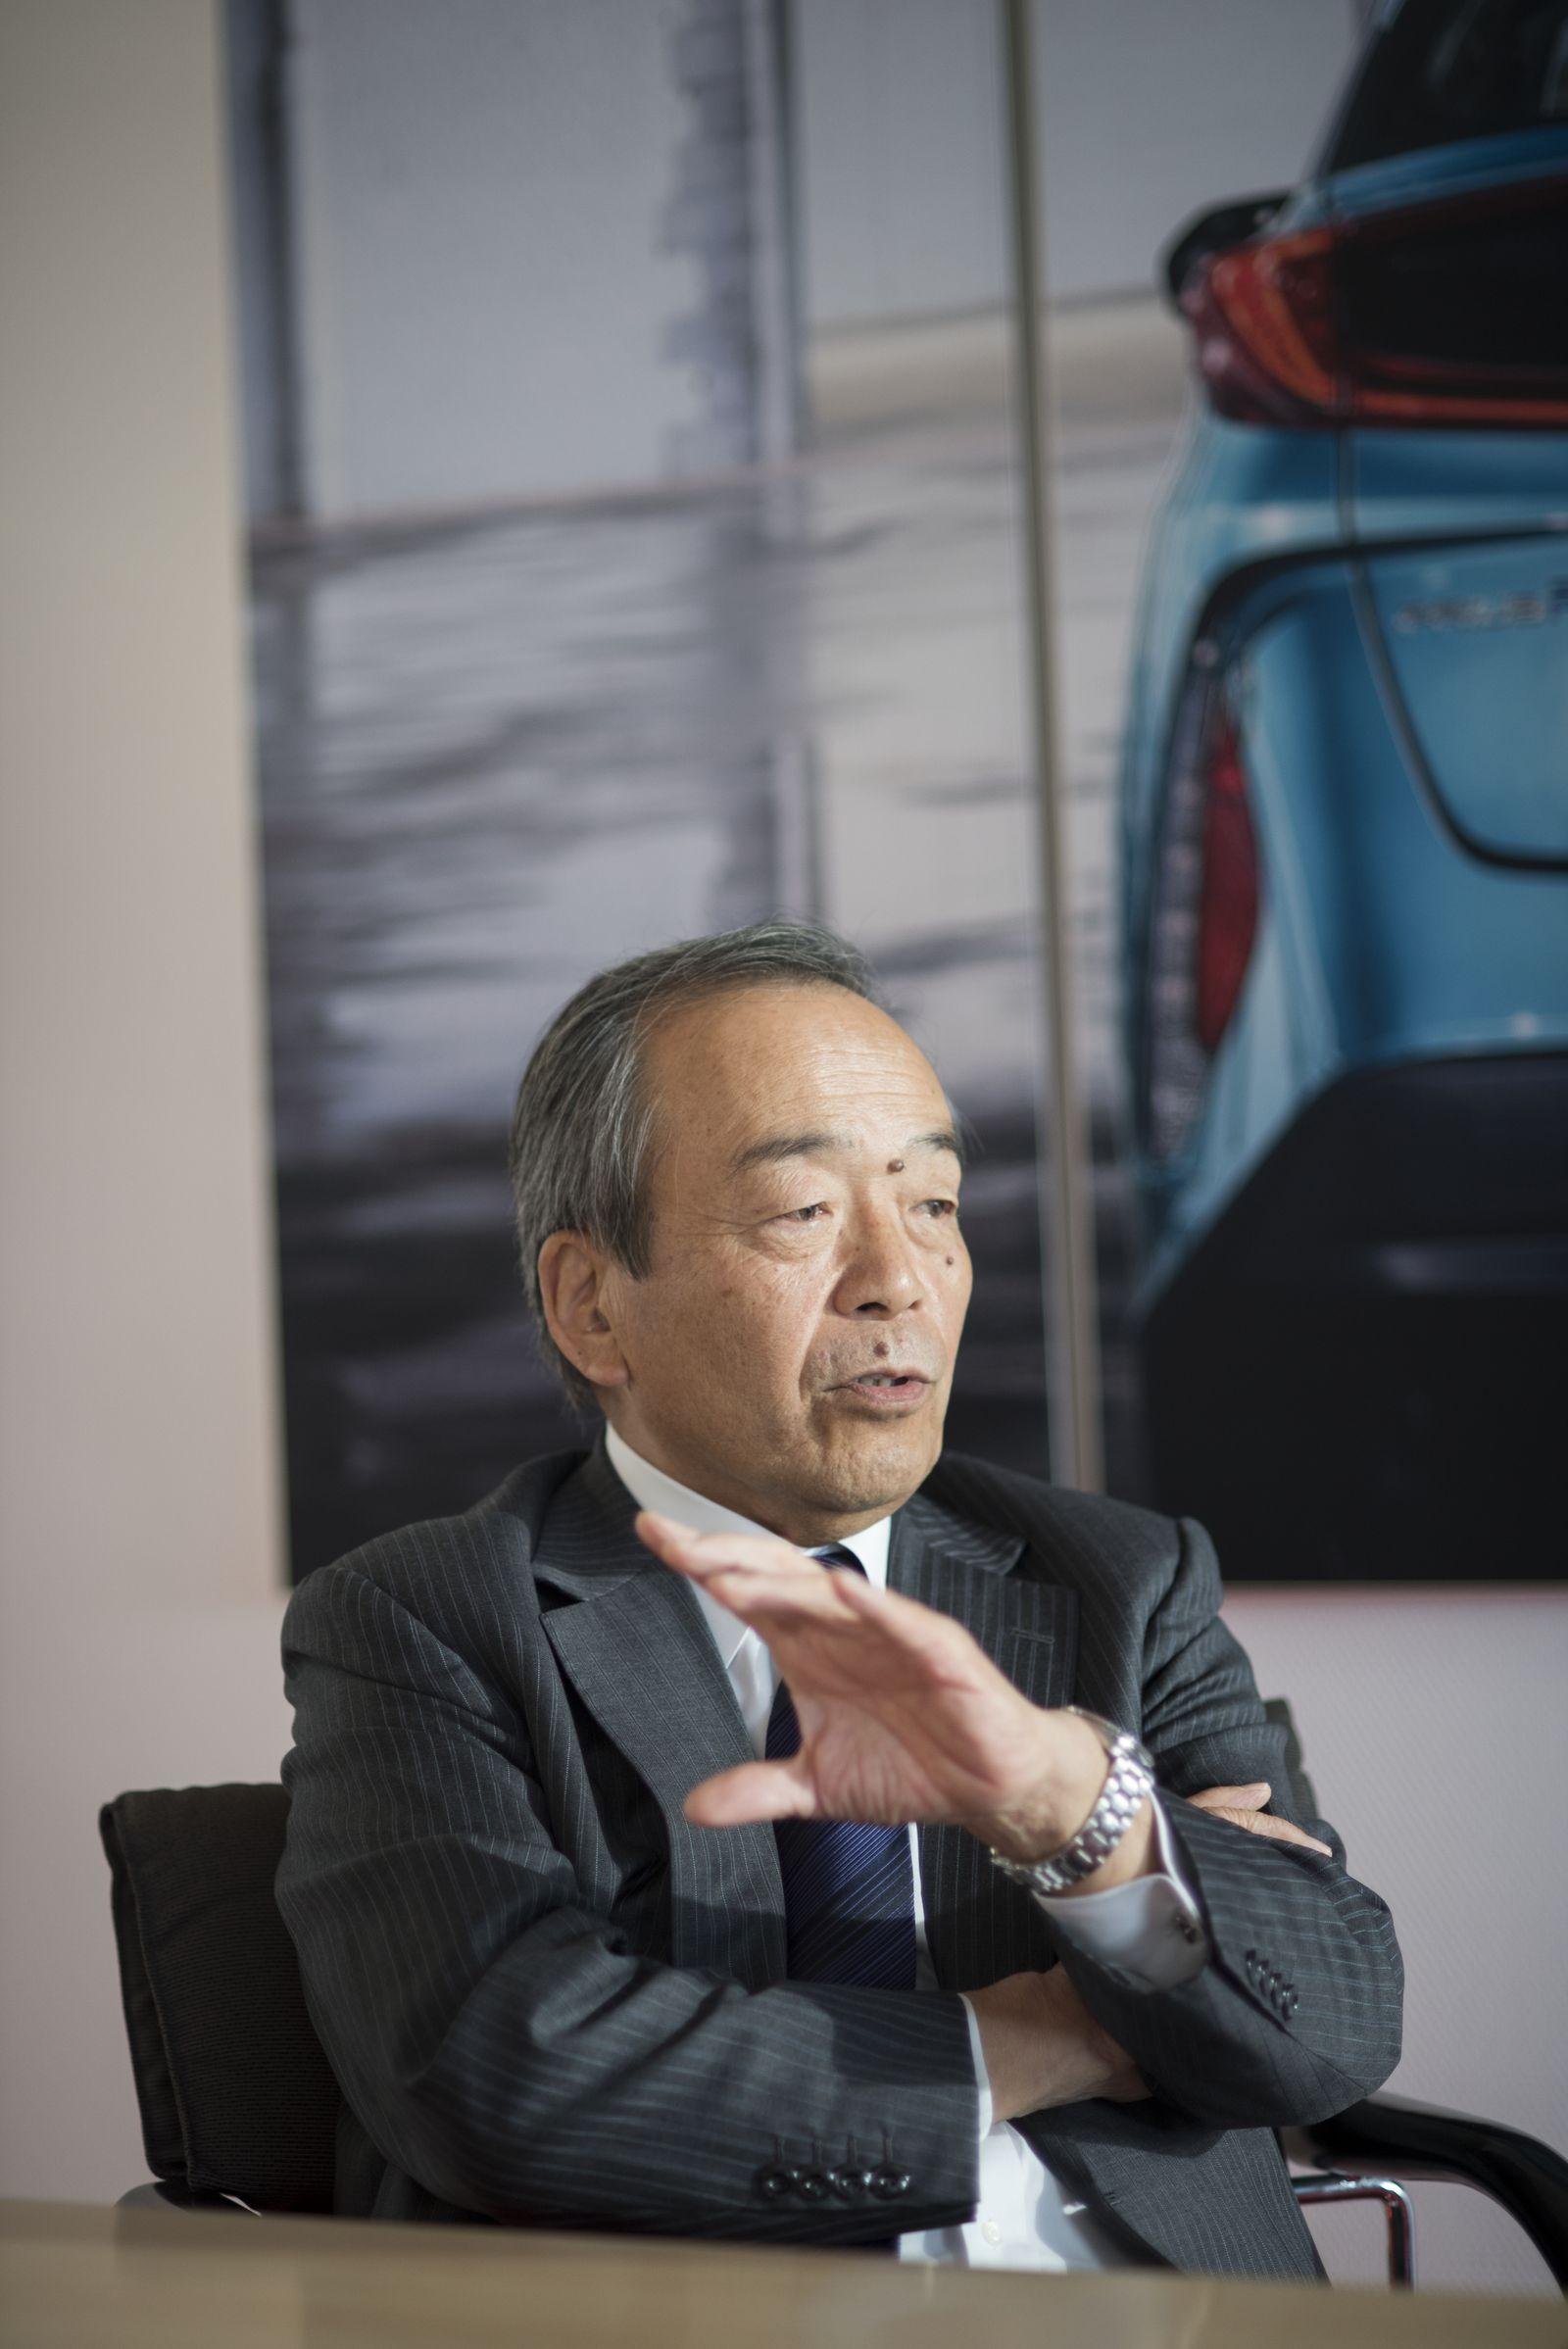 EINMALIGE VERWENDUNG SPIEGEL Plus SPIEGEL 47/2017 S.114 Toyota-Aufsichtsrat STARTBILD